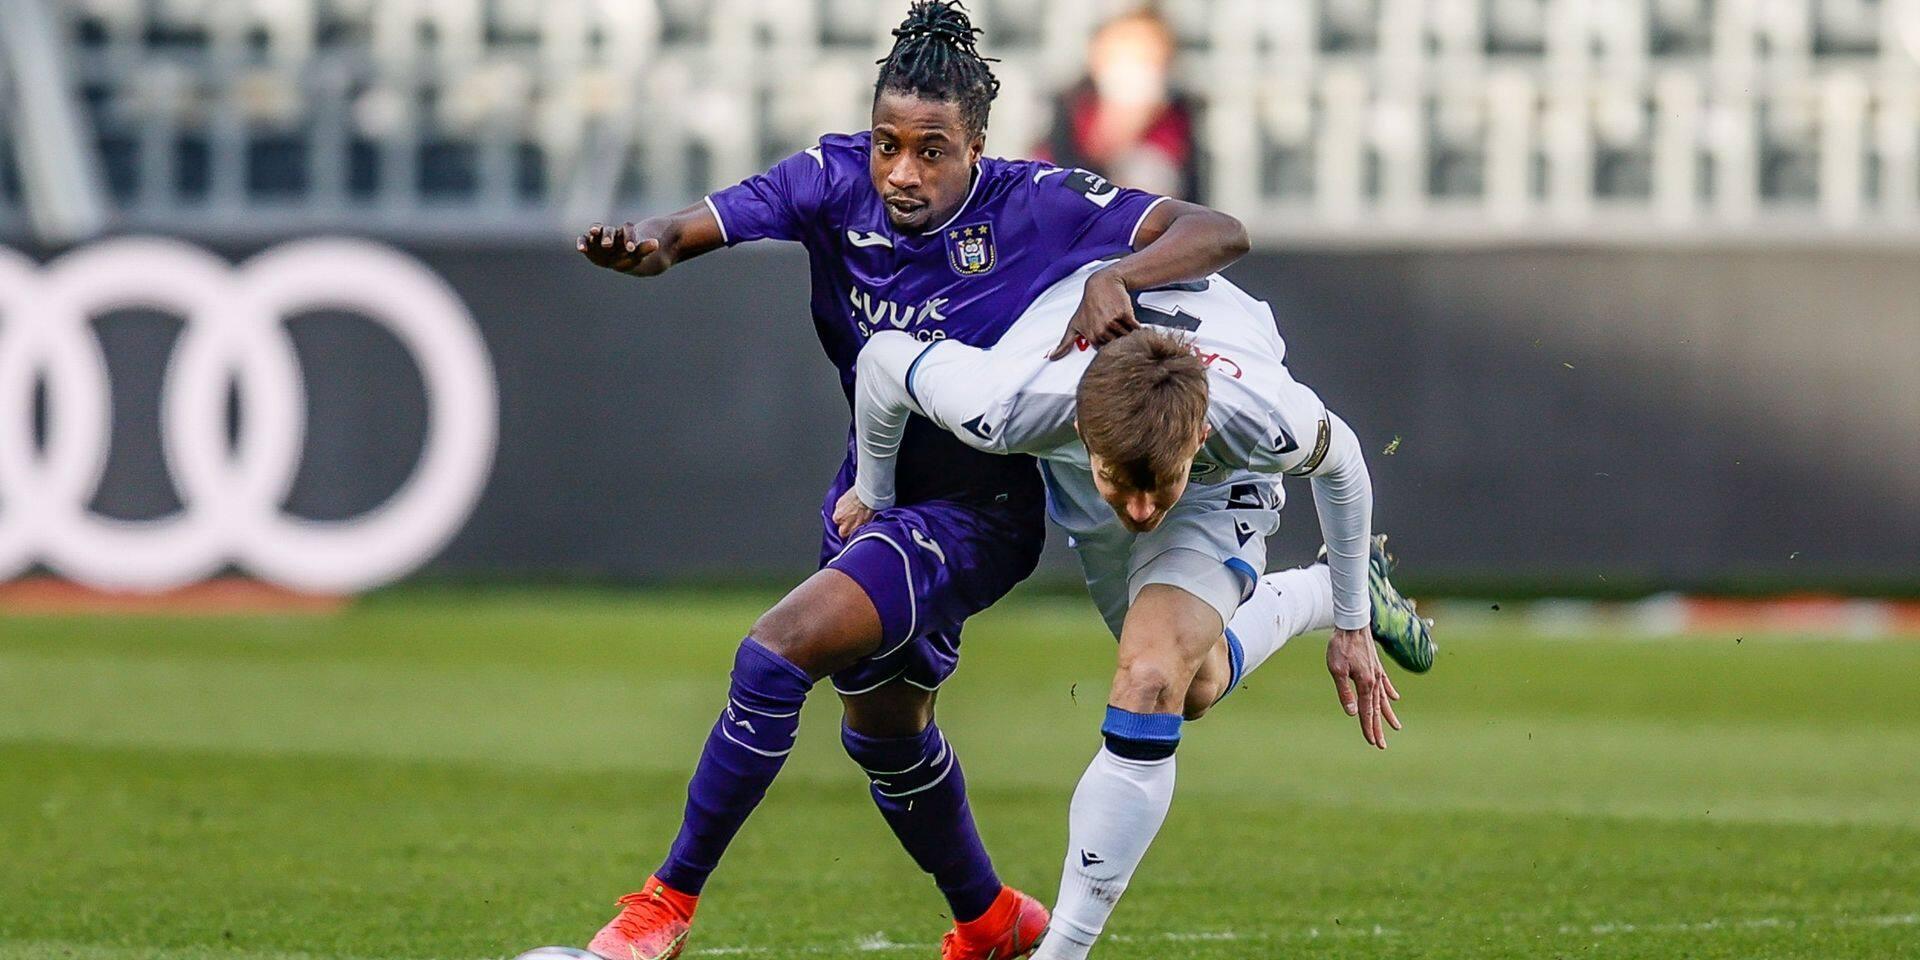 Ashimeru dans la sélection, Diaby ne fera pas son retour à Bruges